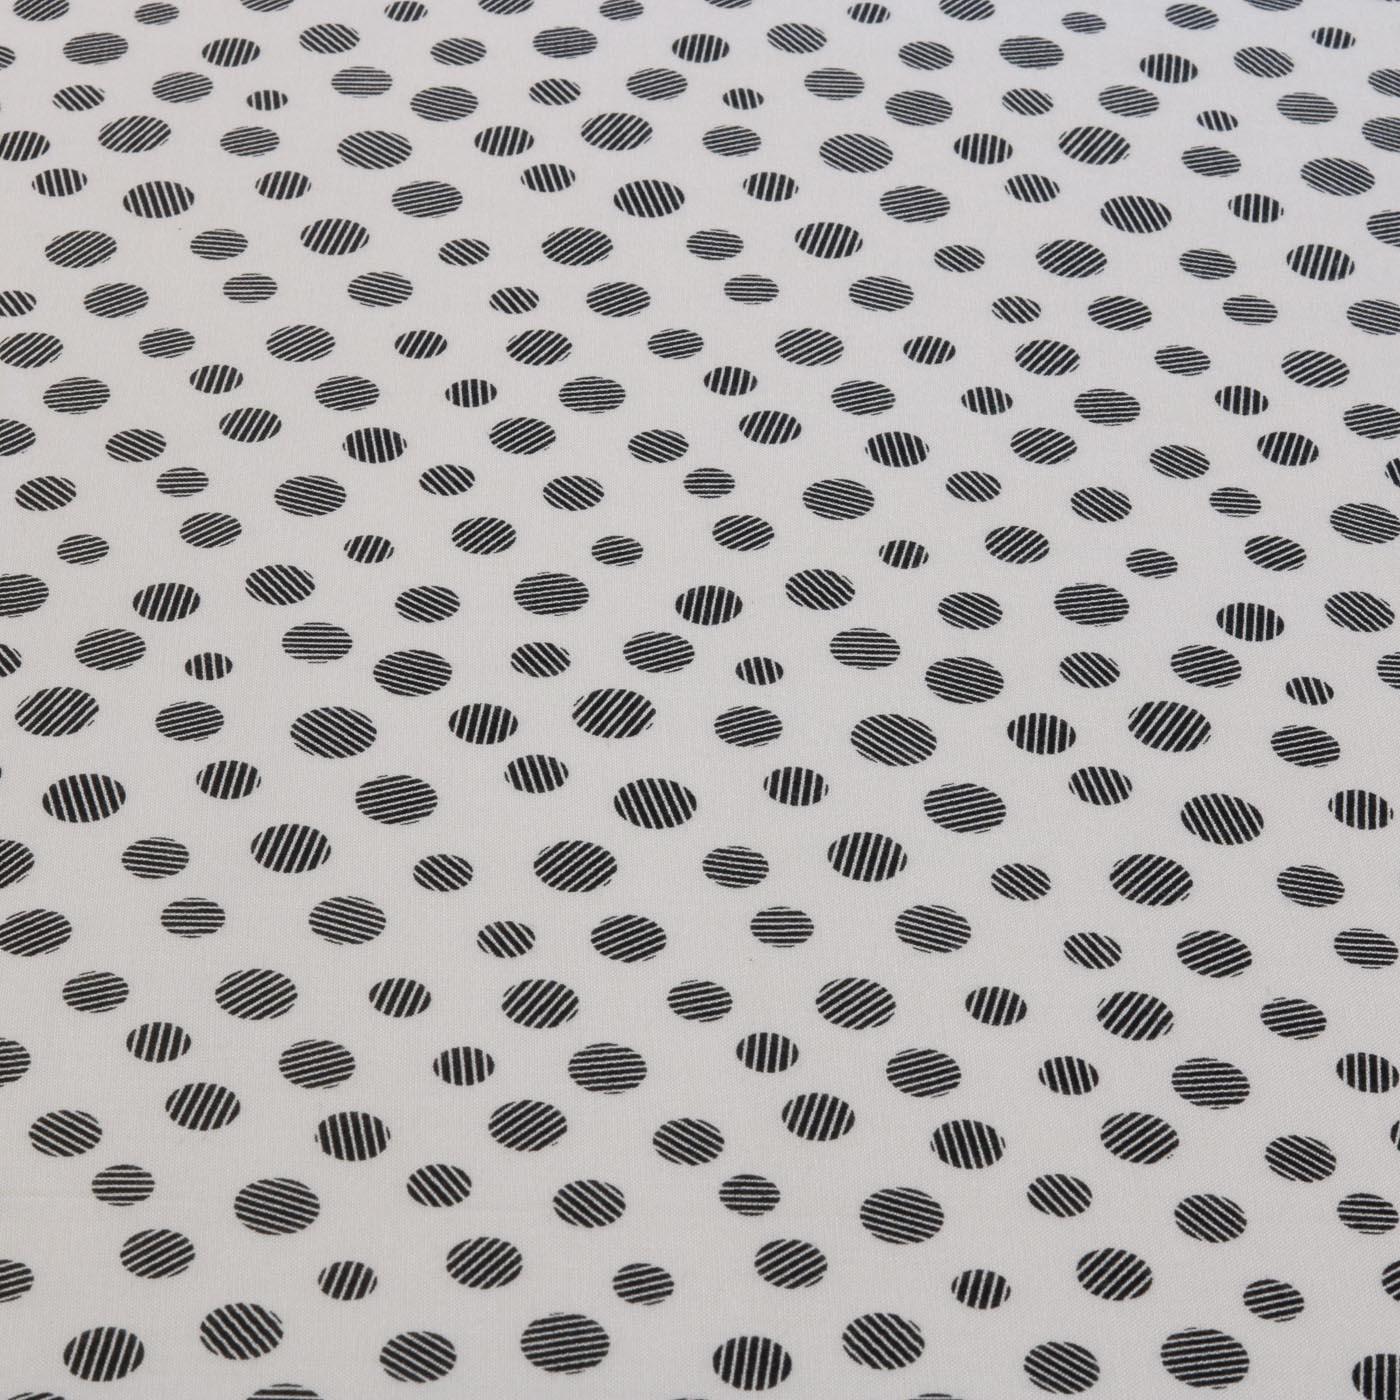 Tecido Viscose Estampado Poa Preto 100% Viscose Branco